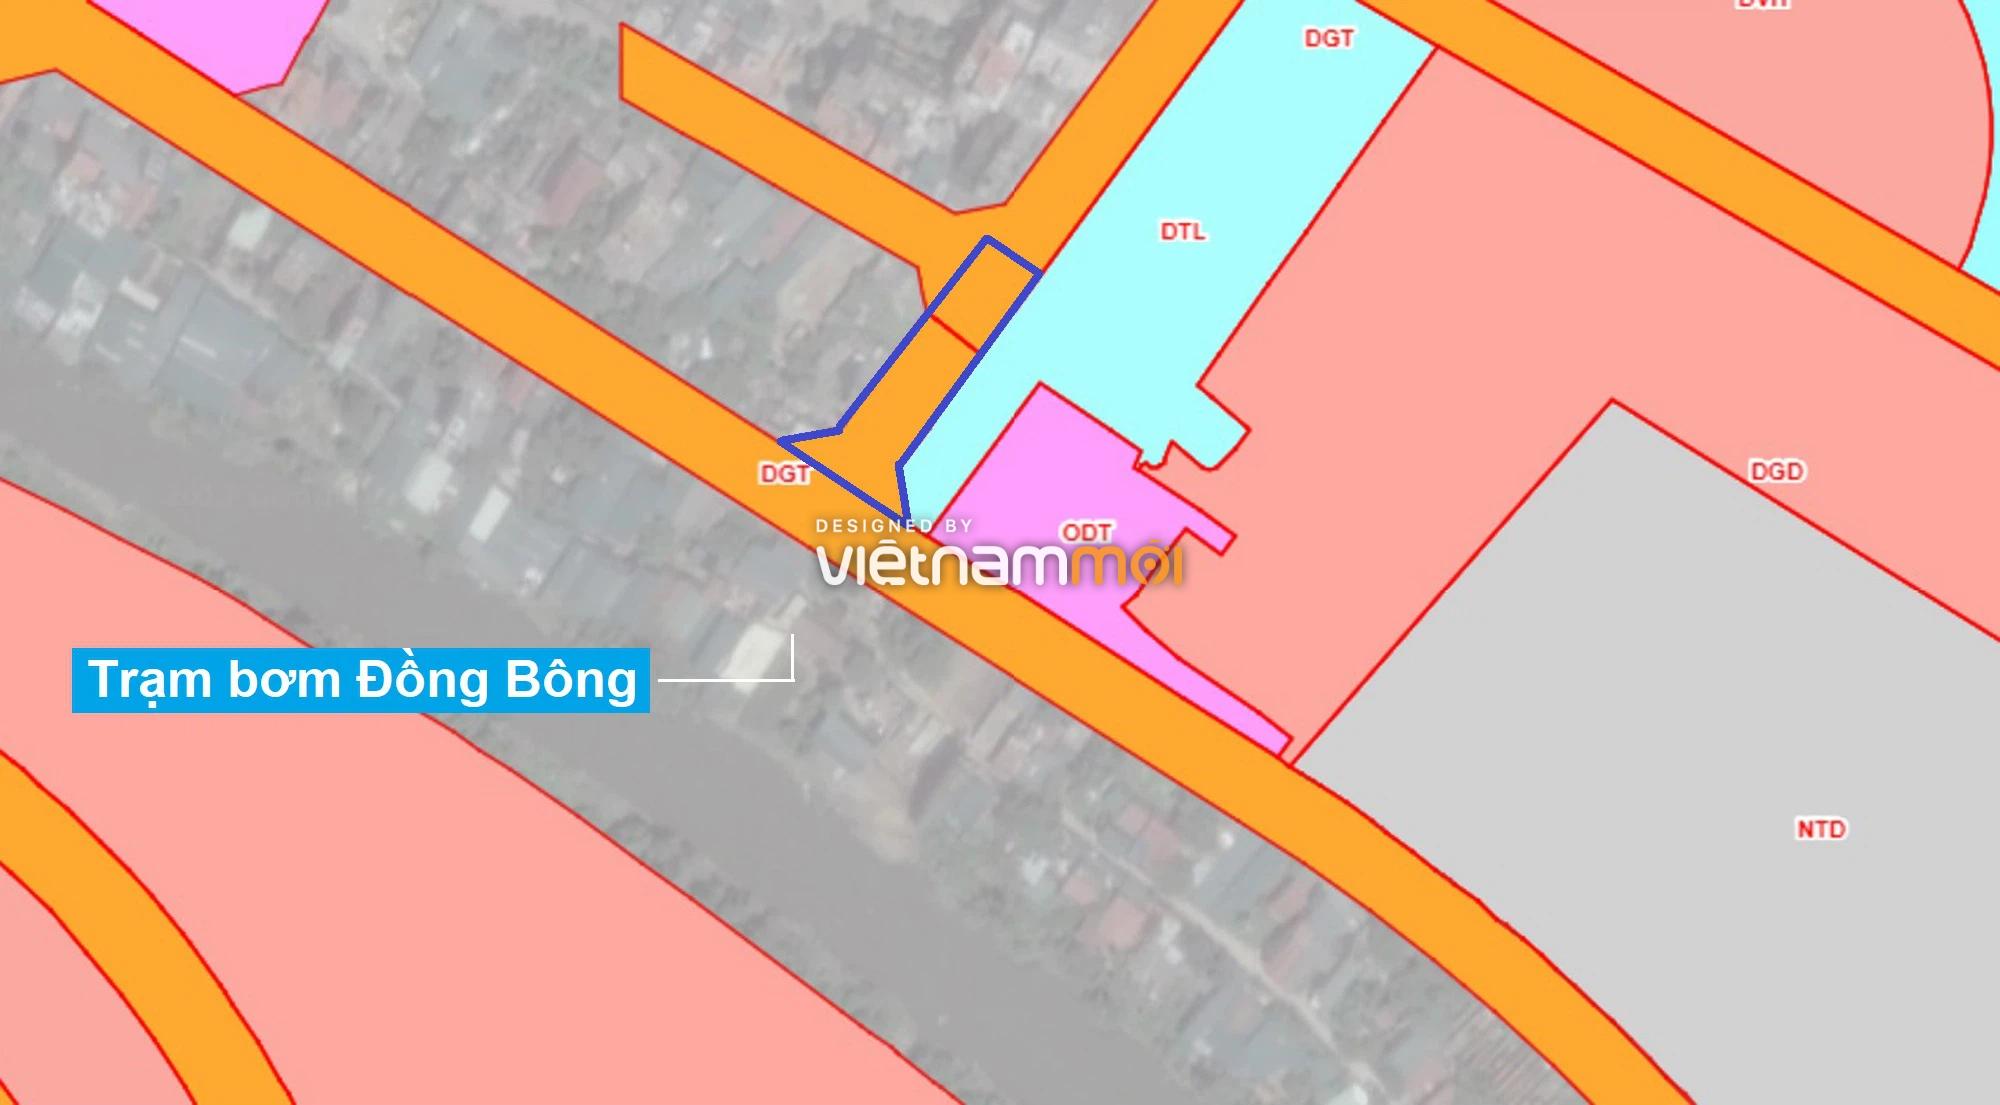 Những khu đất sắp thu hồi để mở đường ở phường Trung Văn, Nam Từ Liêm, Hà Nội (phần 1) - Ảnh 14.